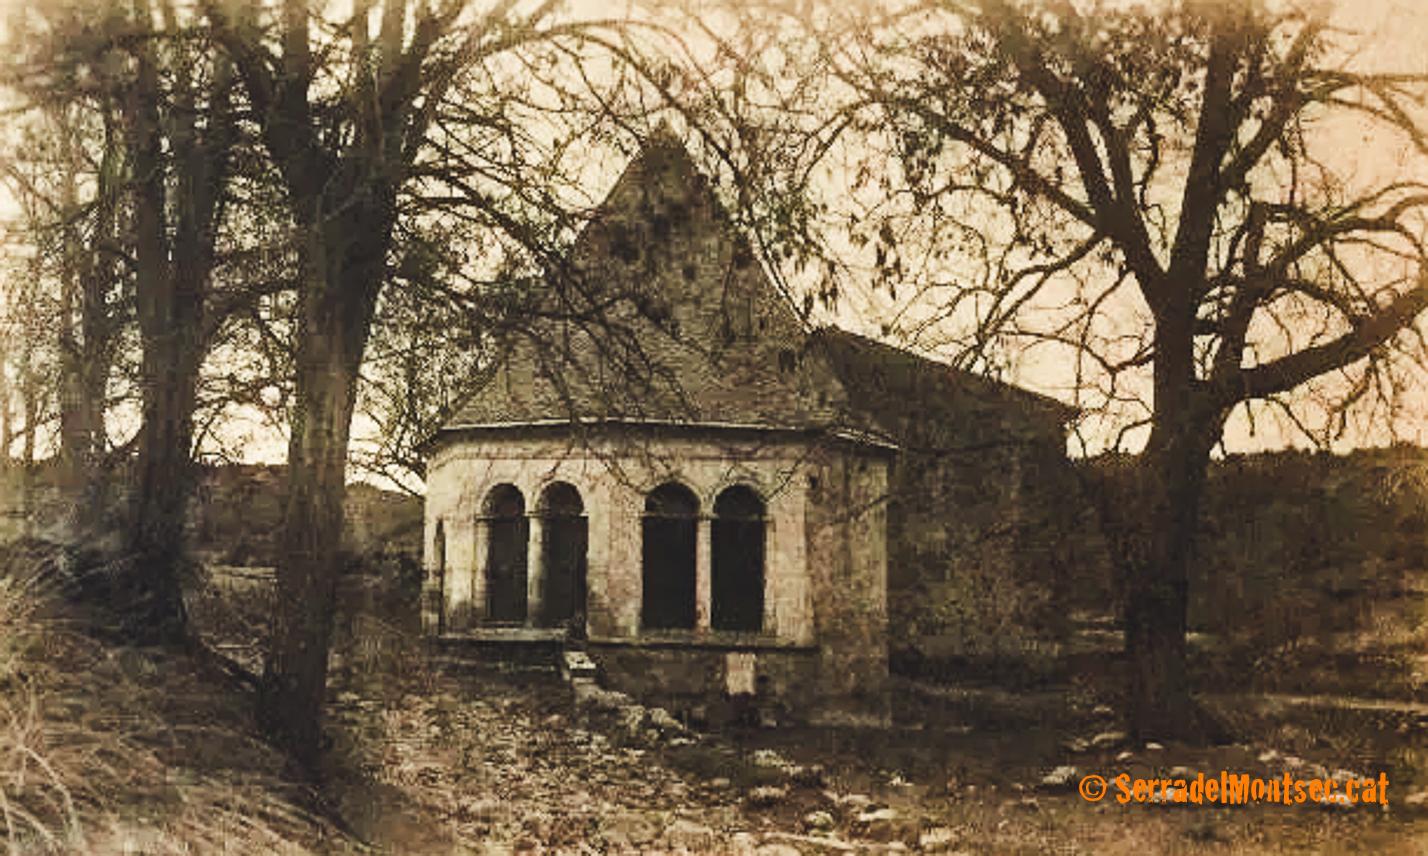 Imatge antiga de l'Ermita de Sant Medard molt abans de convertir-se en un parc i àrea d'esbarjo. Benavarri, Ribagorça. Osca, Aragó. Montsec de l'Estall.